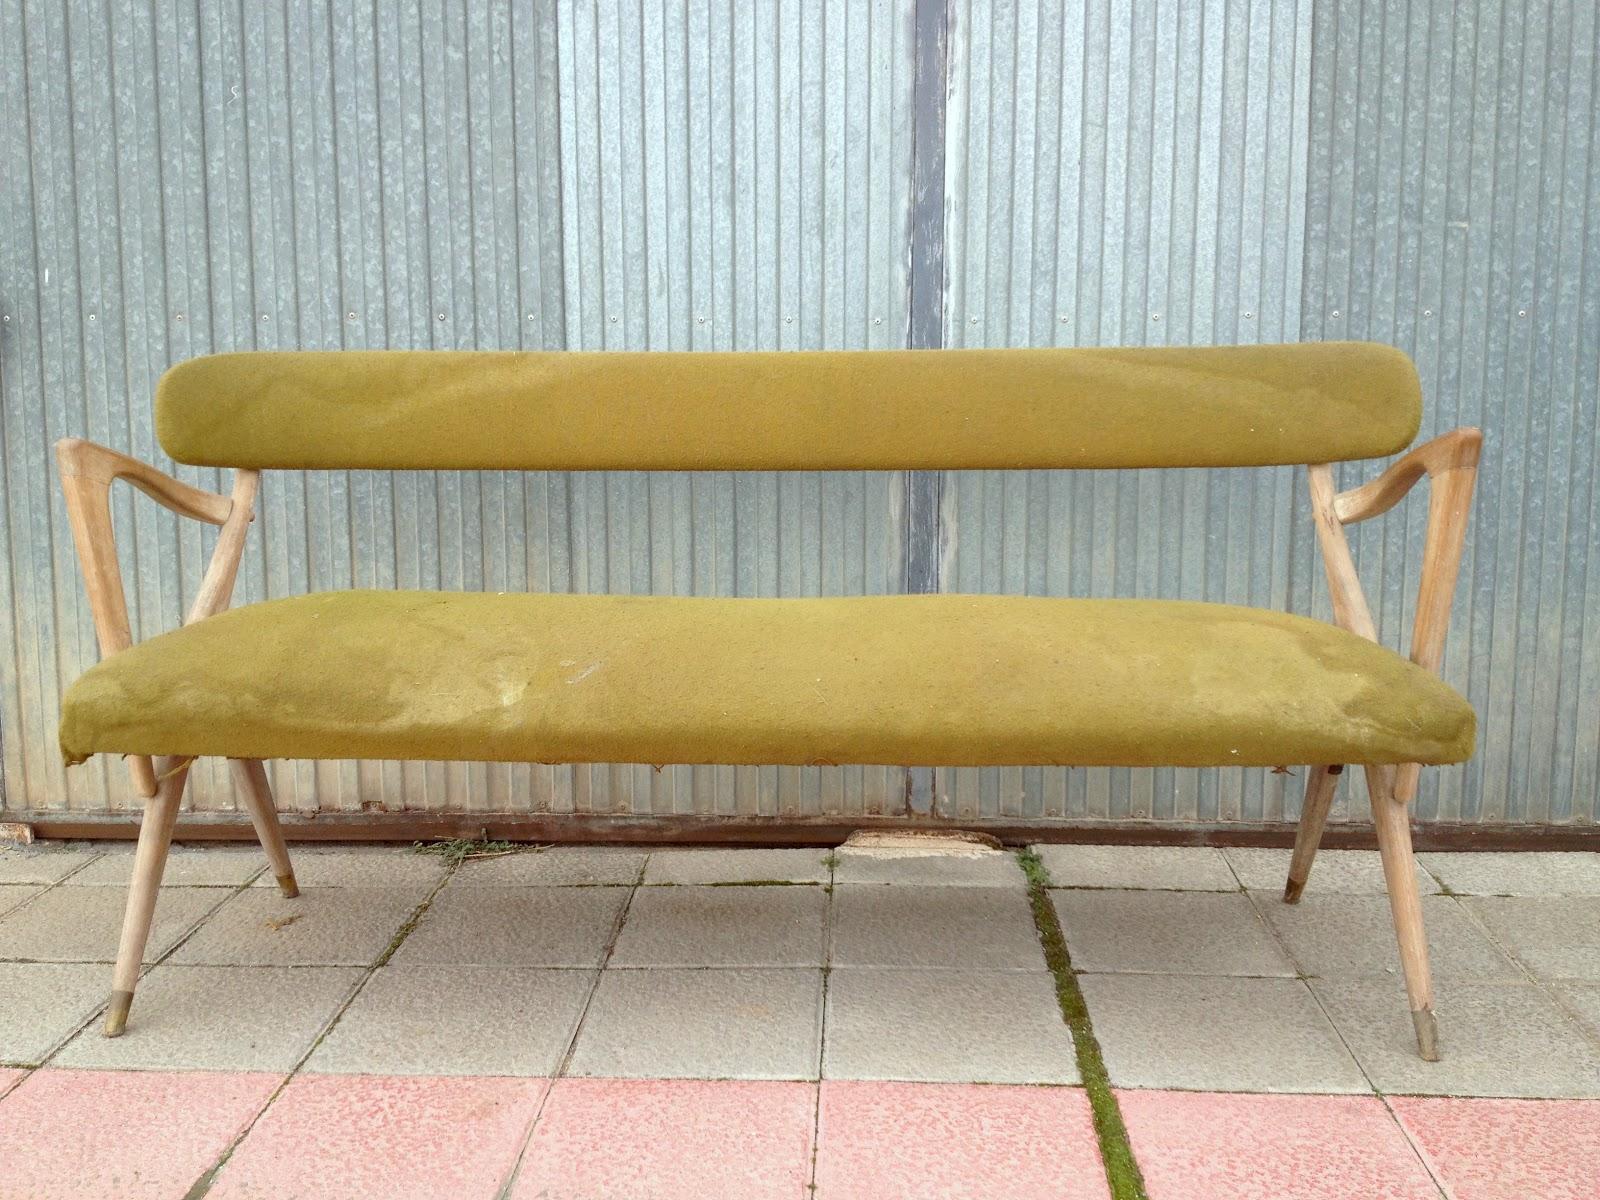 Restaurando sofa y sillas nordicas chachi chachi chachi for Reparar sofa polipiel